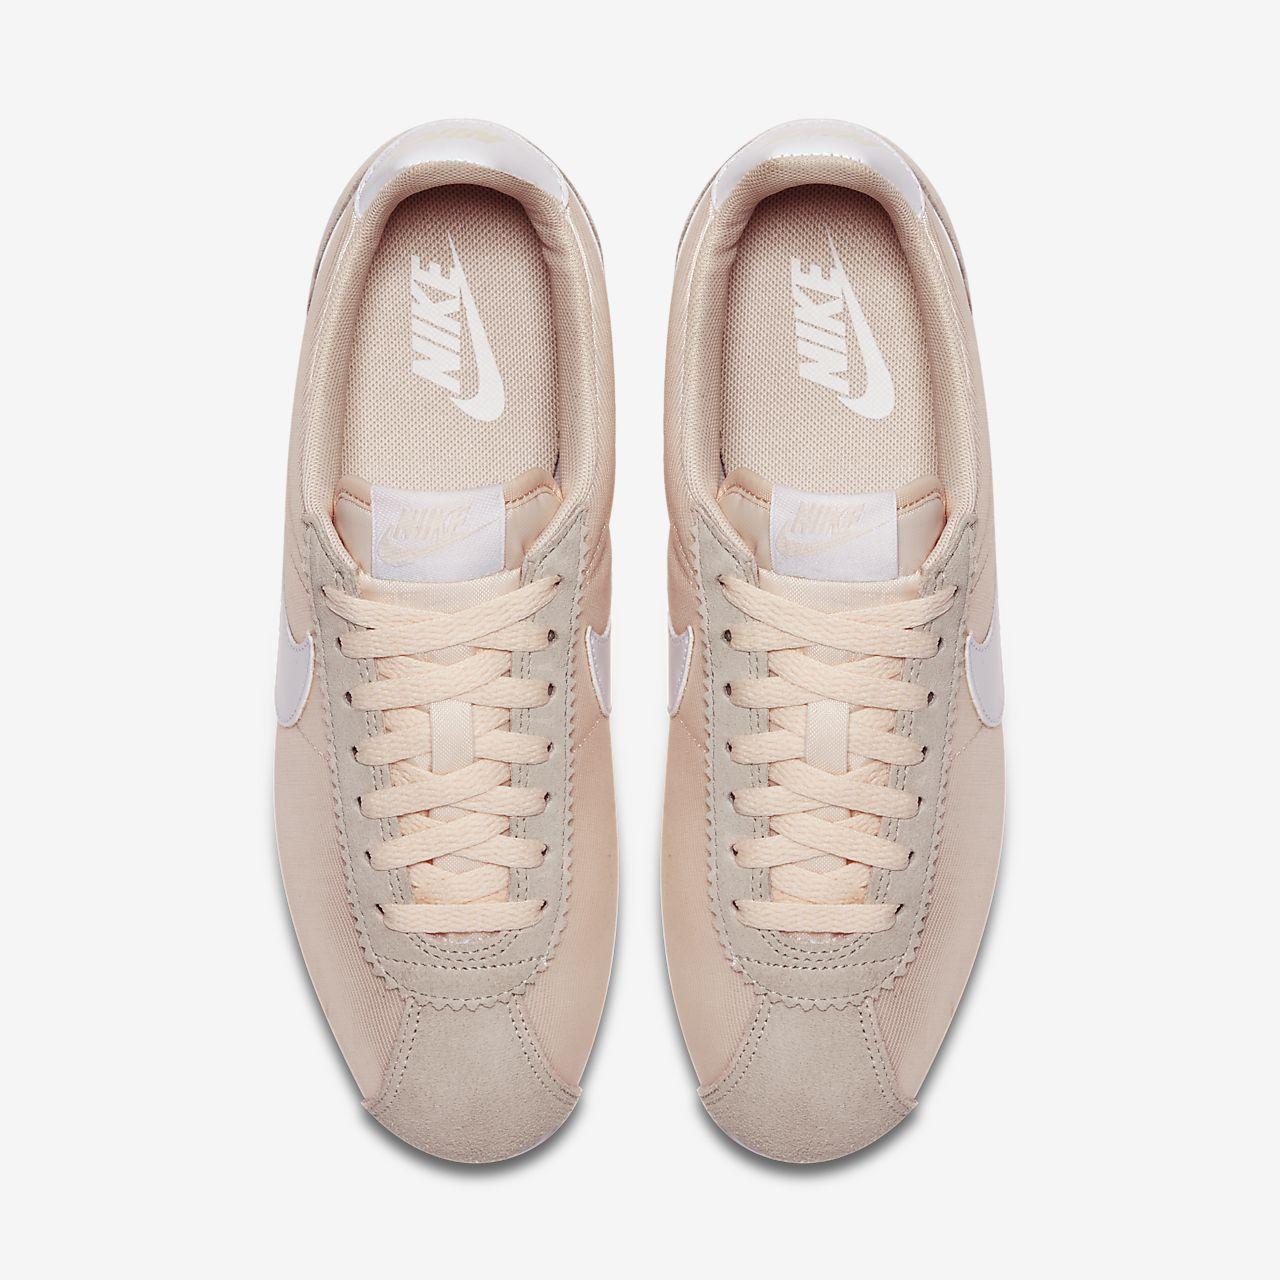 080e9d51ddeff scarpa nike classic cortez nylon guava ice bianco 749864-803